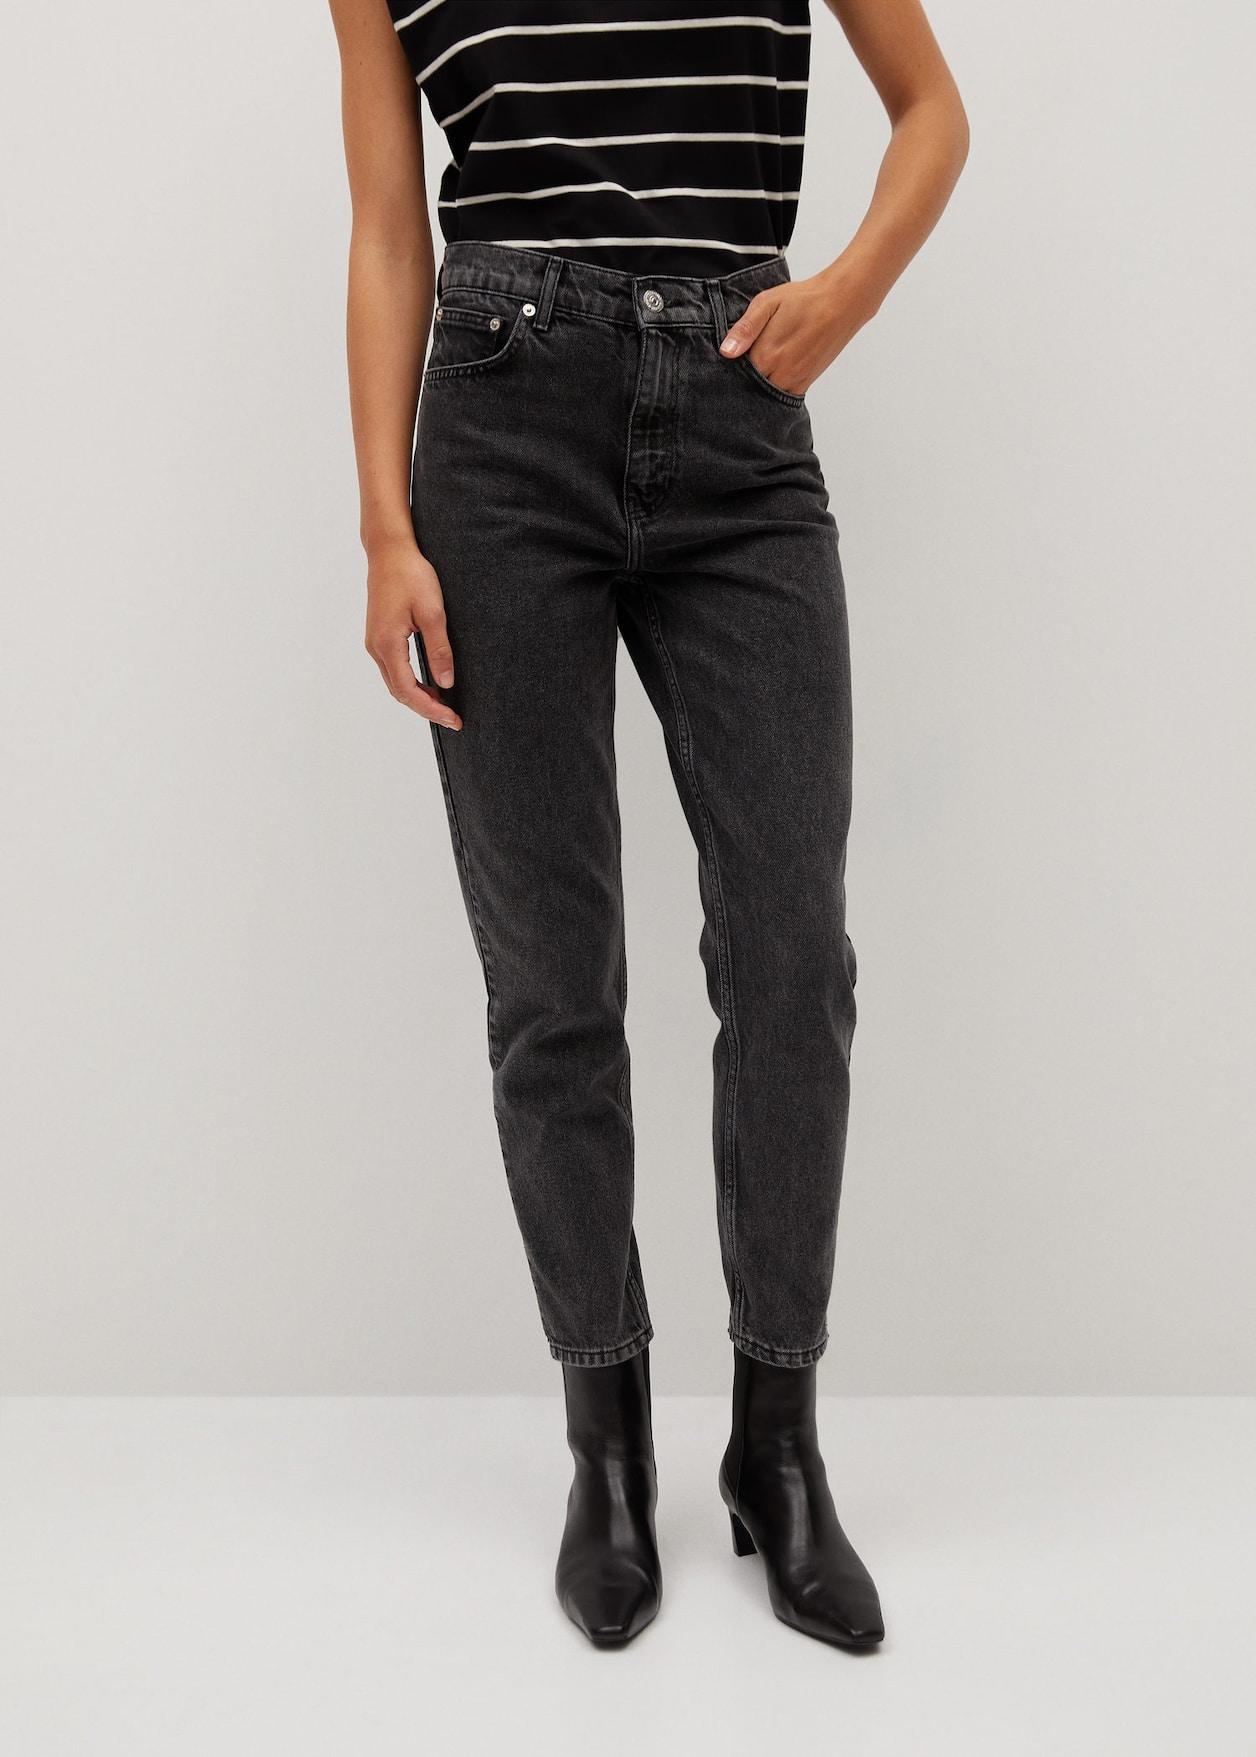 Джинсы | MOM FIT джинсы Mango